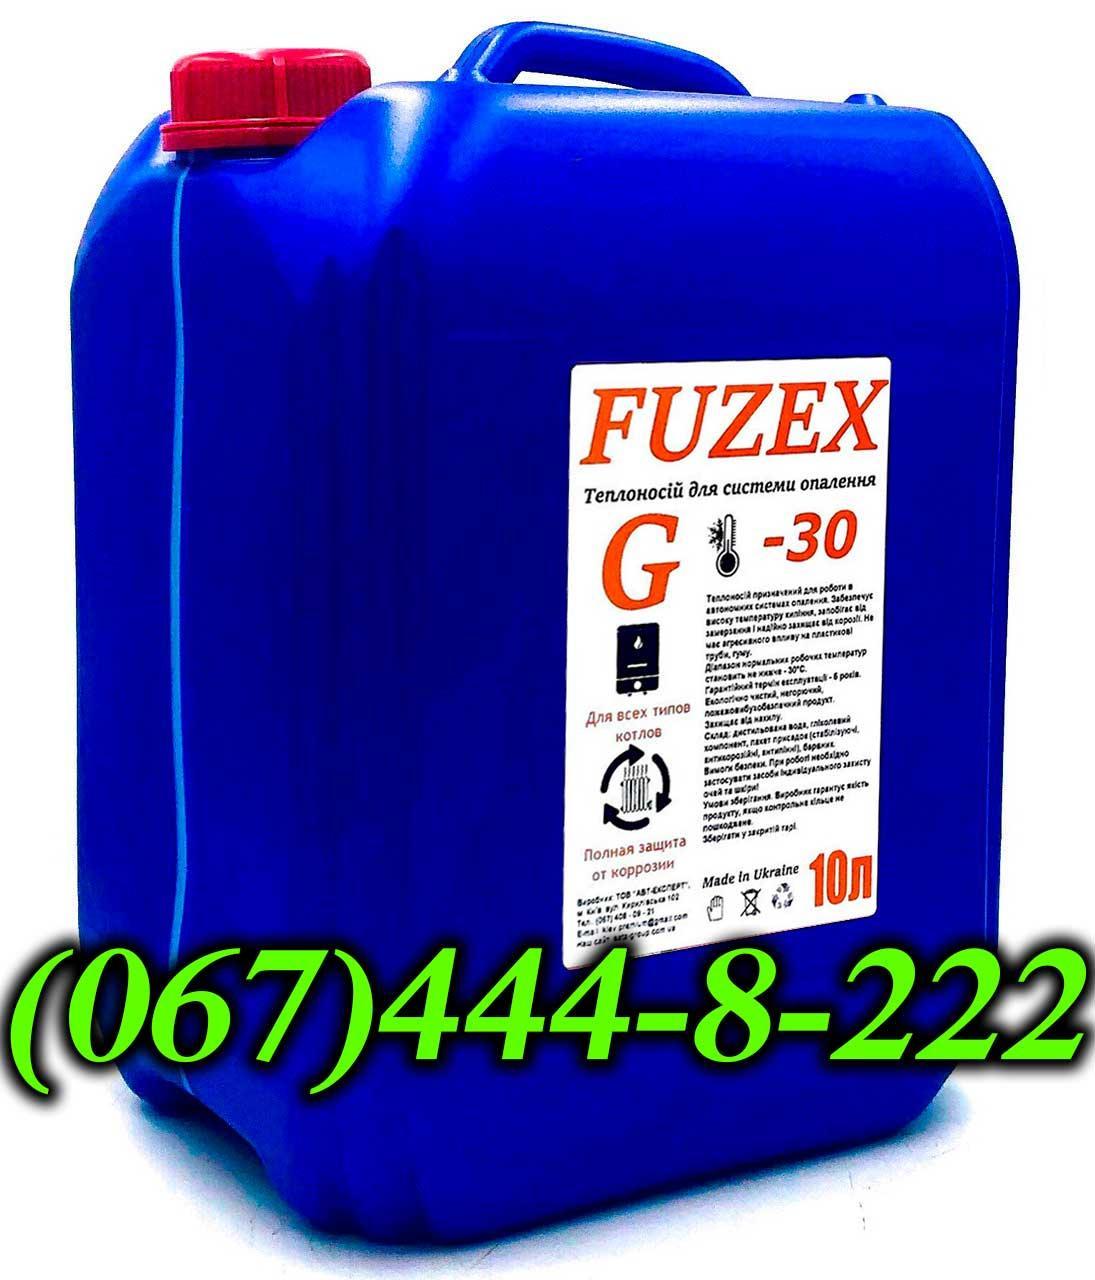 Антифриз для систем отопления домов (бытовой антифриз) Fuzex G